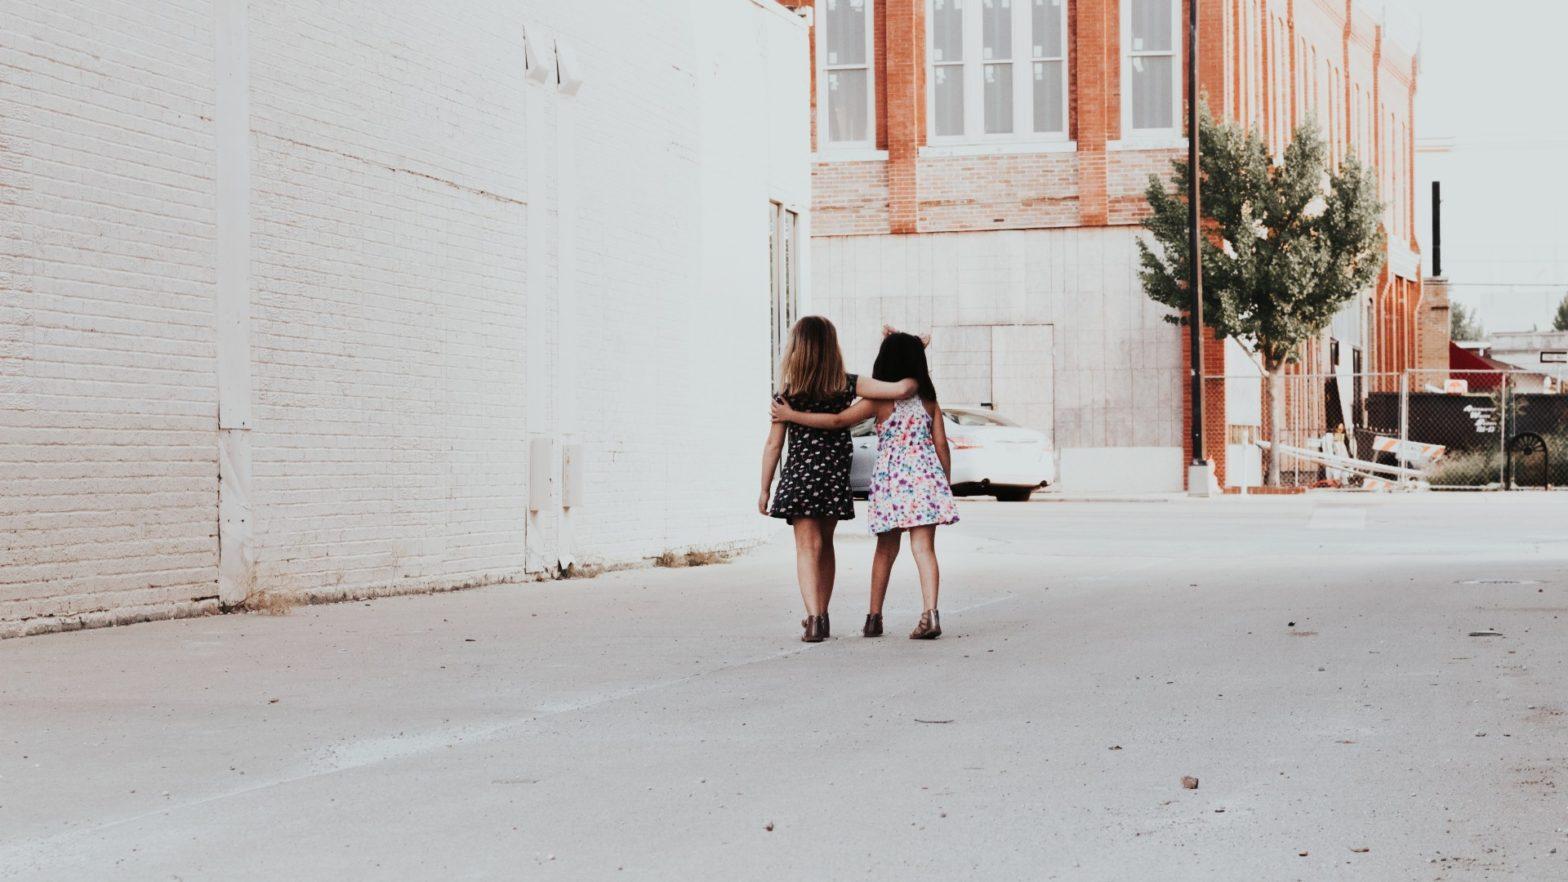 Imagem de duas crianças caminhando juntas, abraçando-se com afeto.